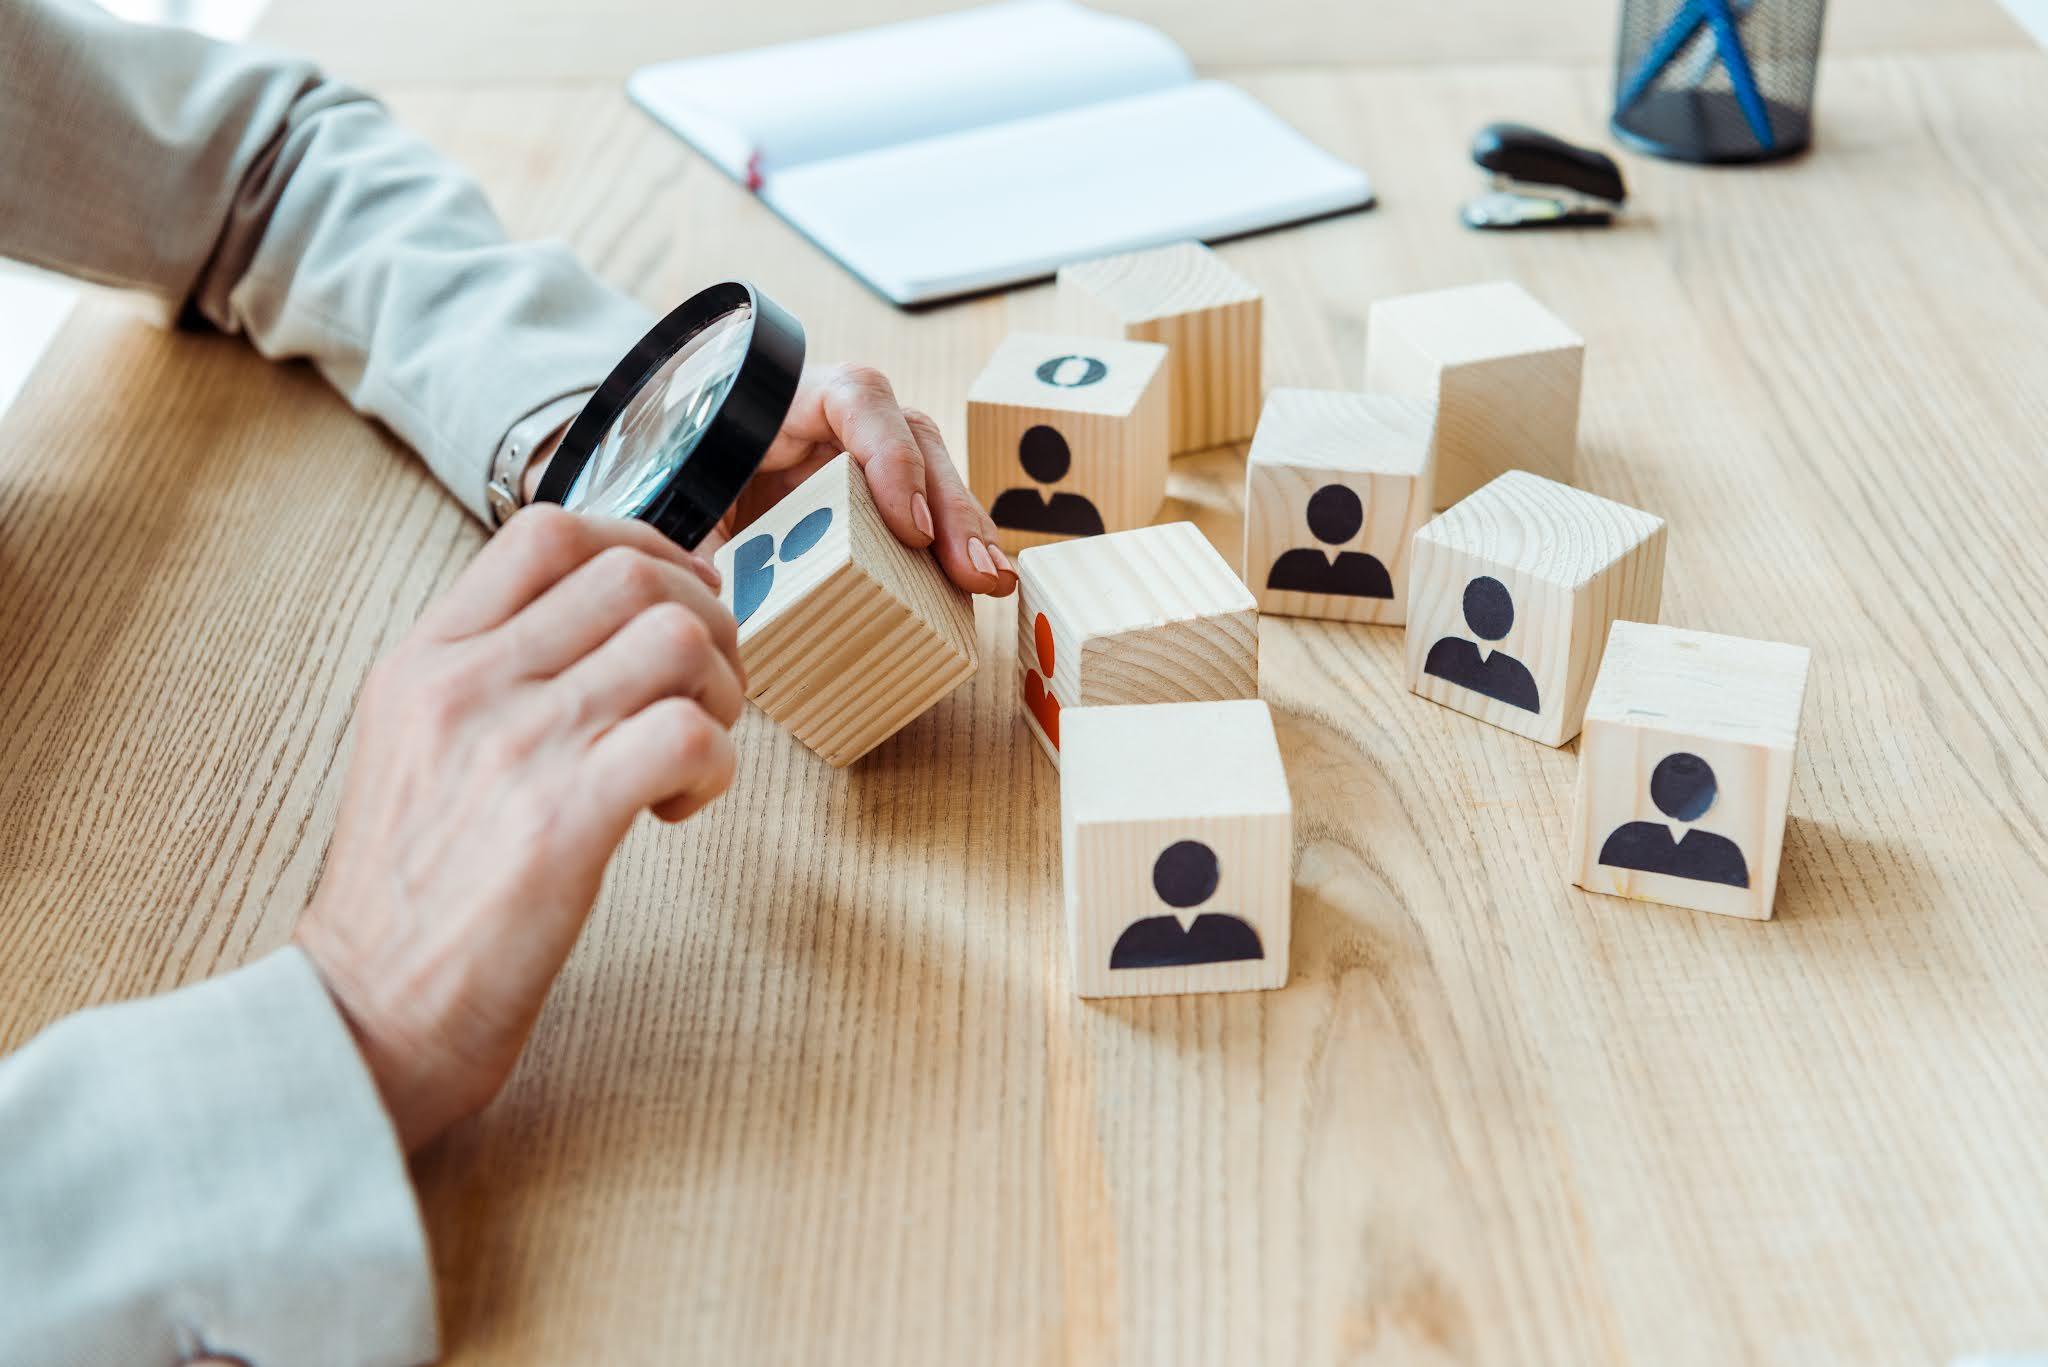 الاتحادية للموارد البشرية تطلق مبادرة جديدة new لتعزيز سوق العمل بالإمارات